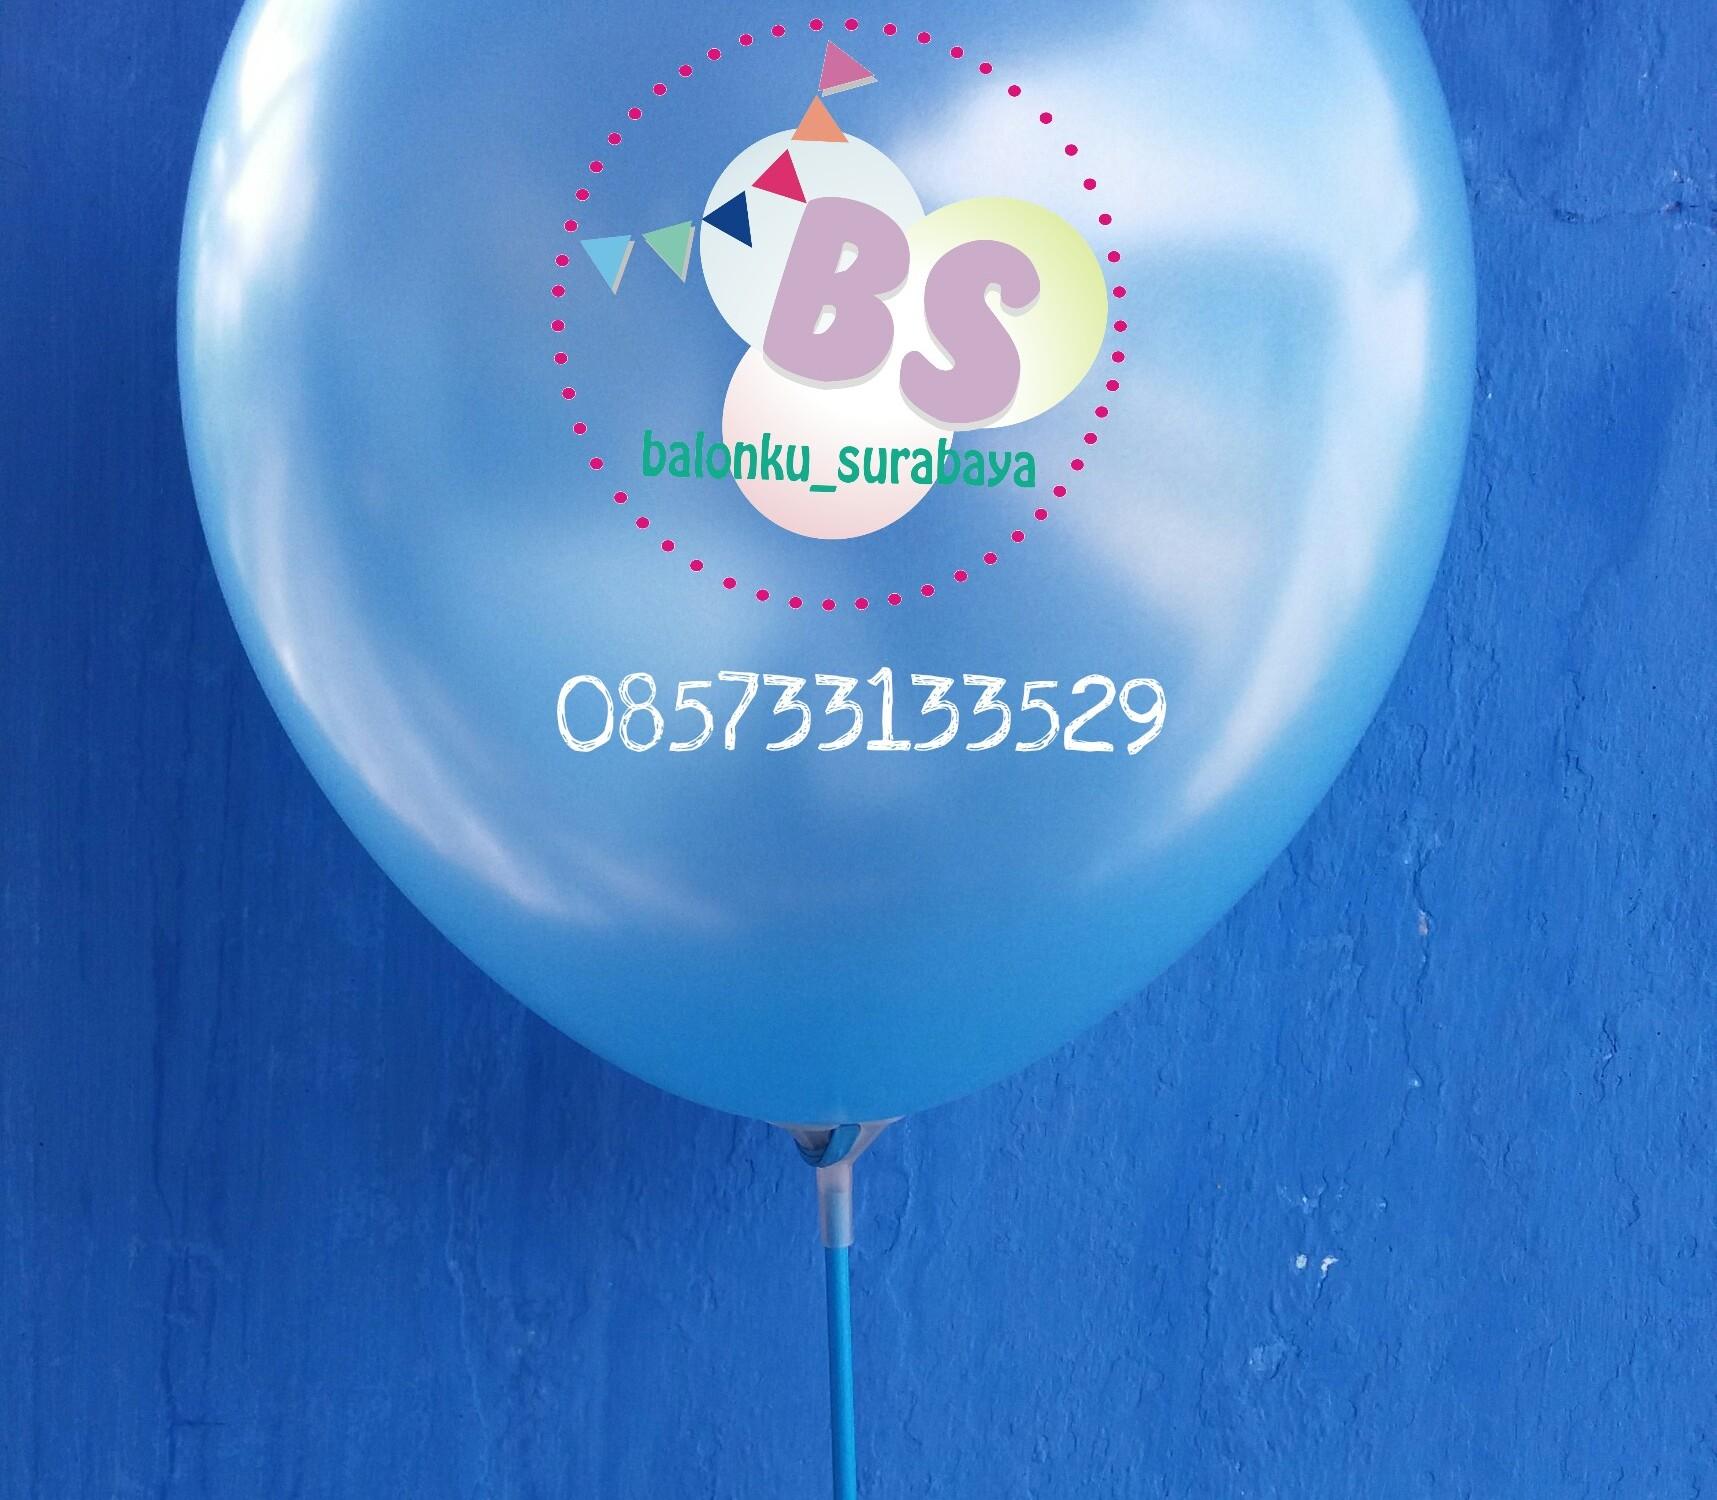 balon latex, balon metalik, balon latex metalik biru muda